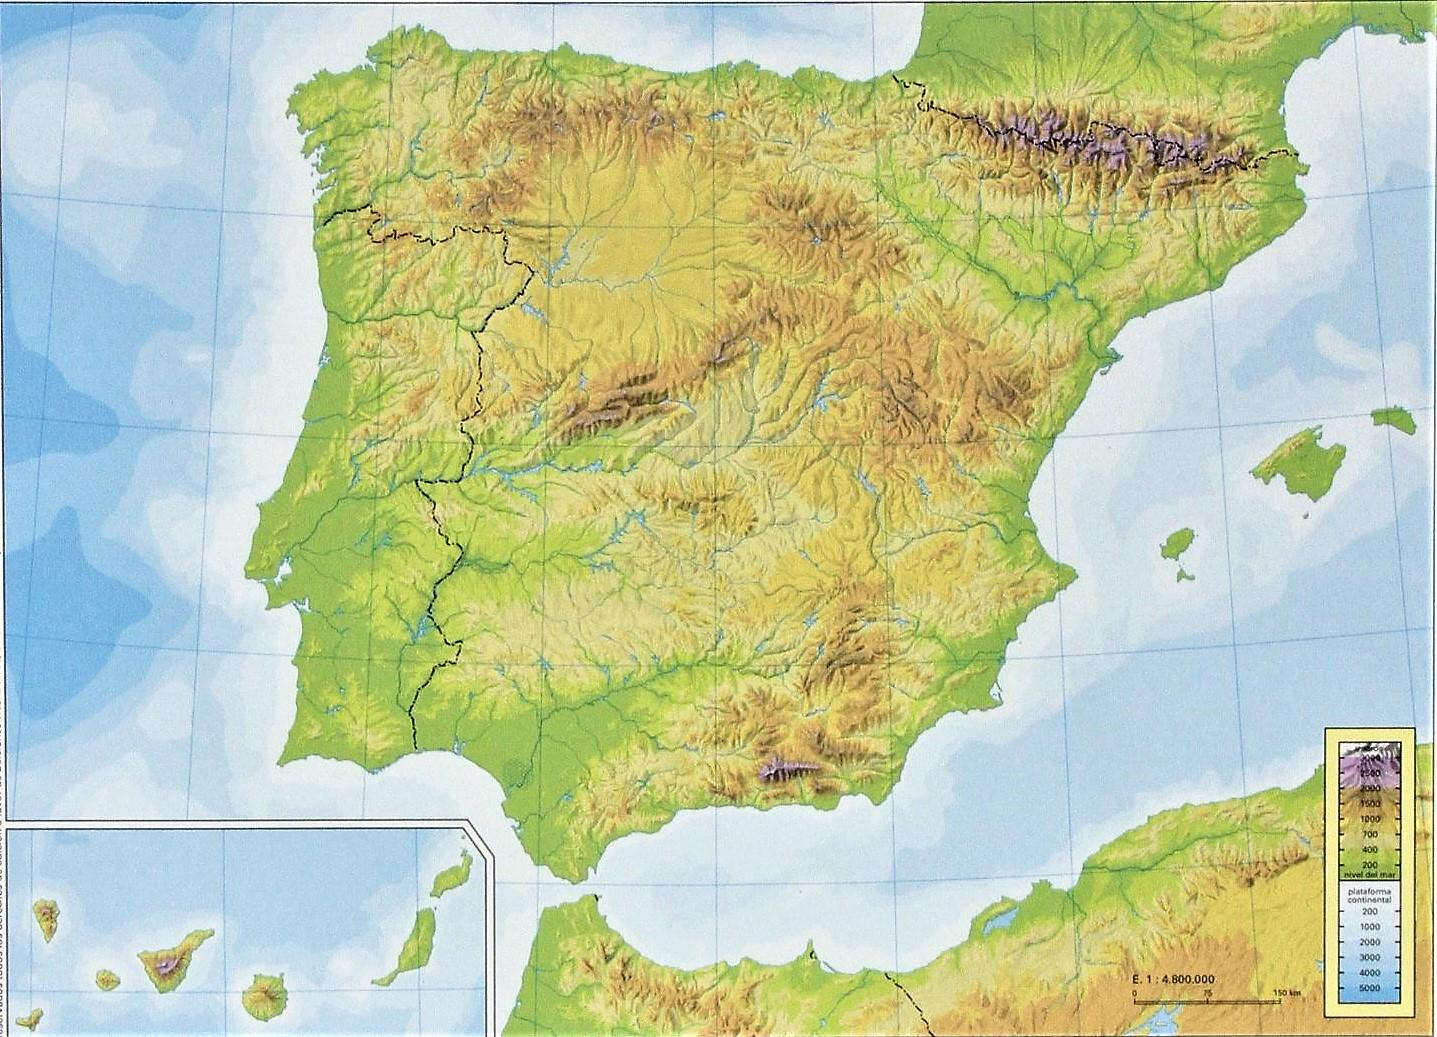 Mapa Relieve España Mudo.Mapa De Espana Politico Fisico Mudo Con Nombres